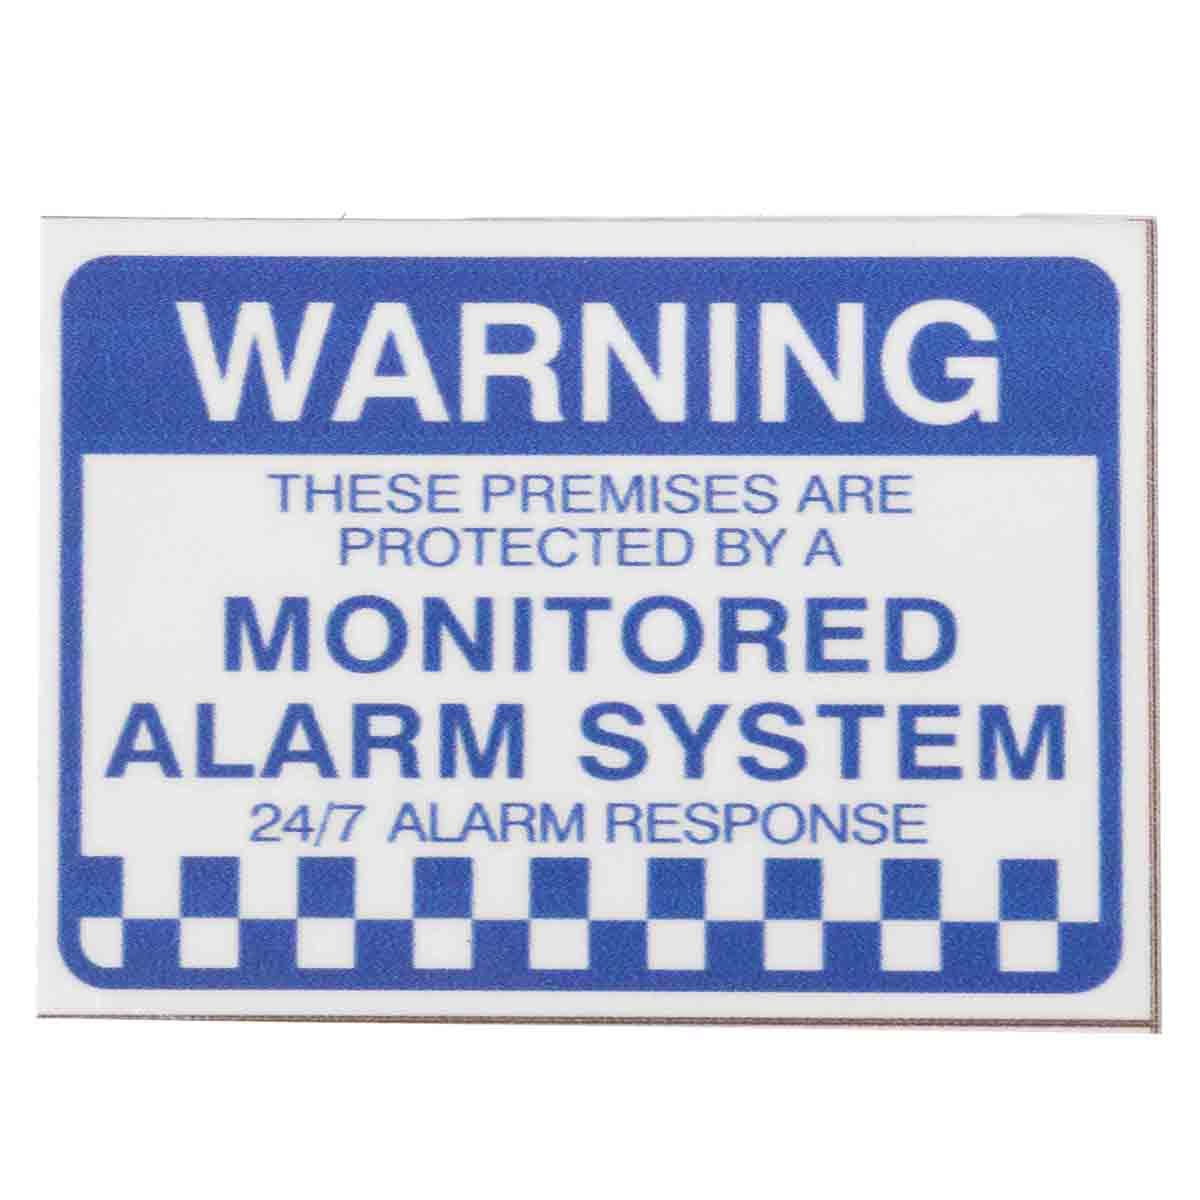 Новый 8X сигнализации Системы проверены предупреждение безопасности Наклейки Водонепроницаемый знак безопасности дома Детская безопаснос...